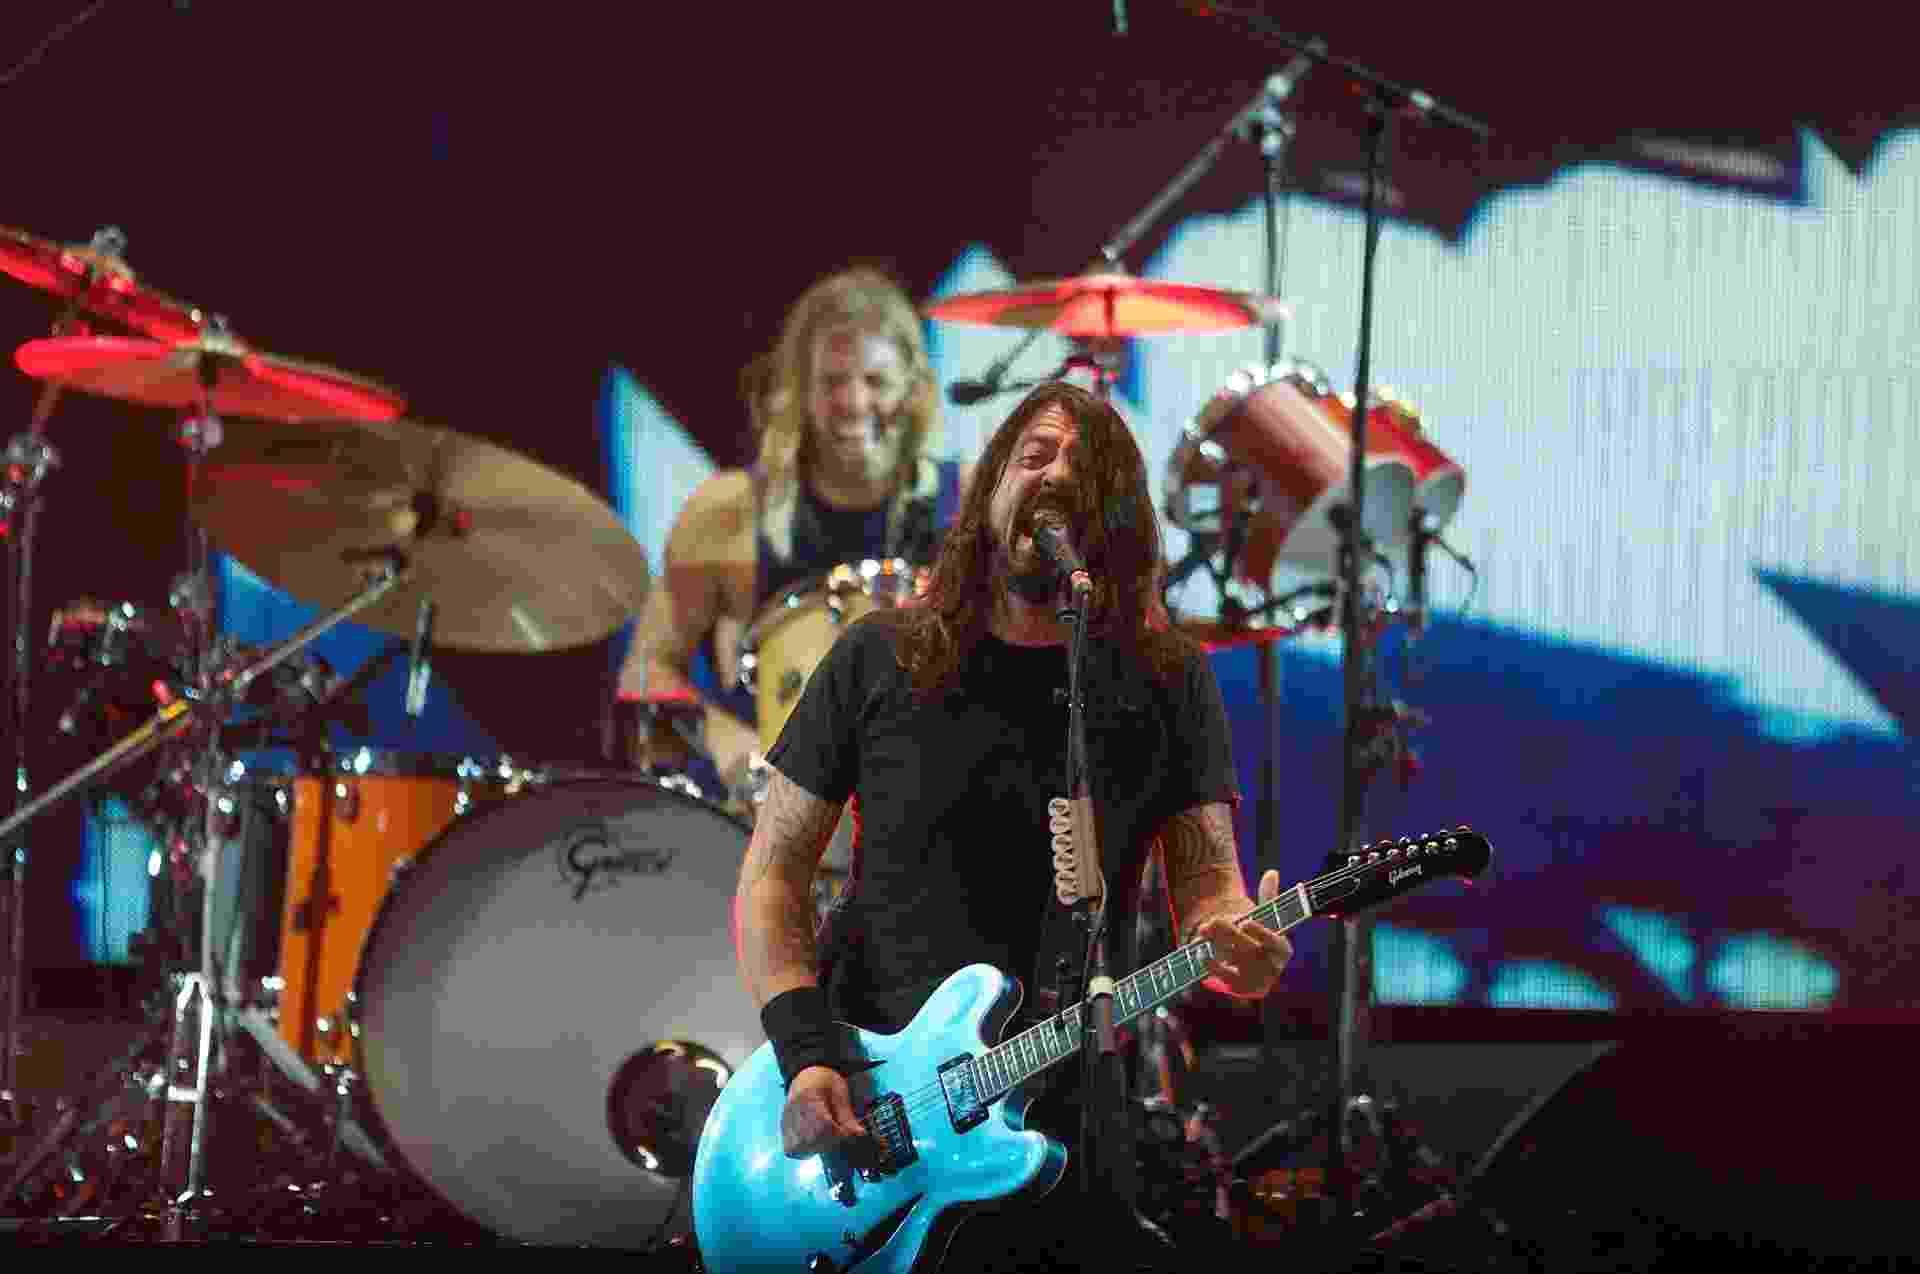 """21.jan.2015 - A banda americana de rock alternativo Foo Fighters abre a turnê de seu oitavo disco, """"Sonic Highway"""", em Porto Alegre, no Rio Grande do Sul, nesta quarta-feira - Reprodução/Flickr/T4F"""